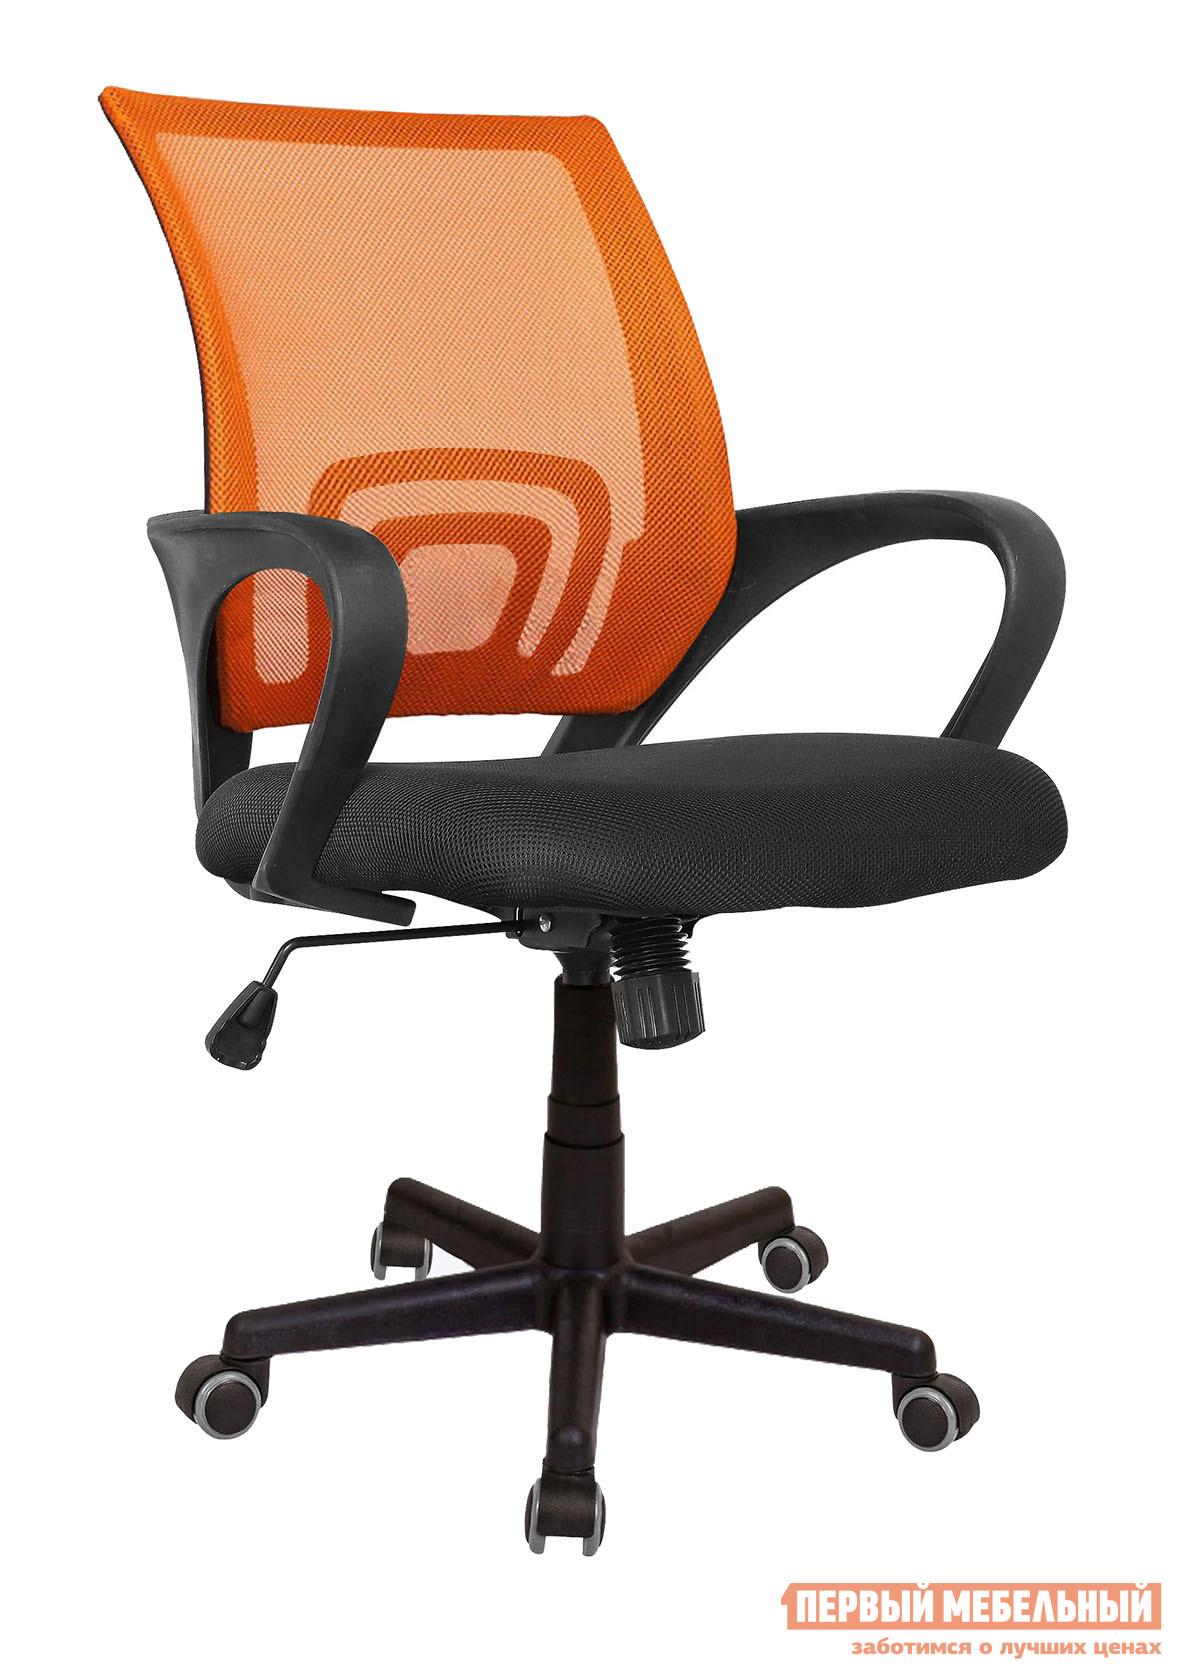 Кресло для офиса Бюрократ CH-695 Сетка Оранжевый TW-38-3 / Черный TW-11 от Купистол